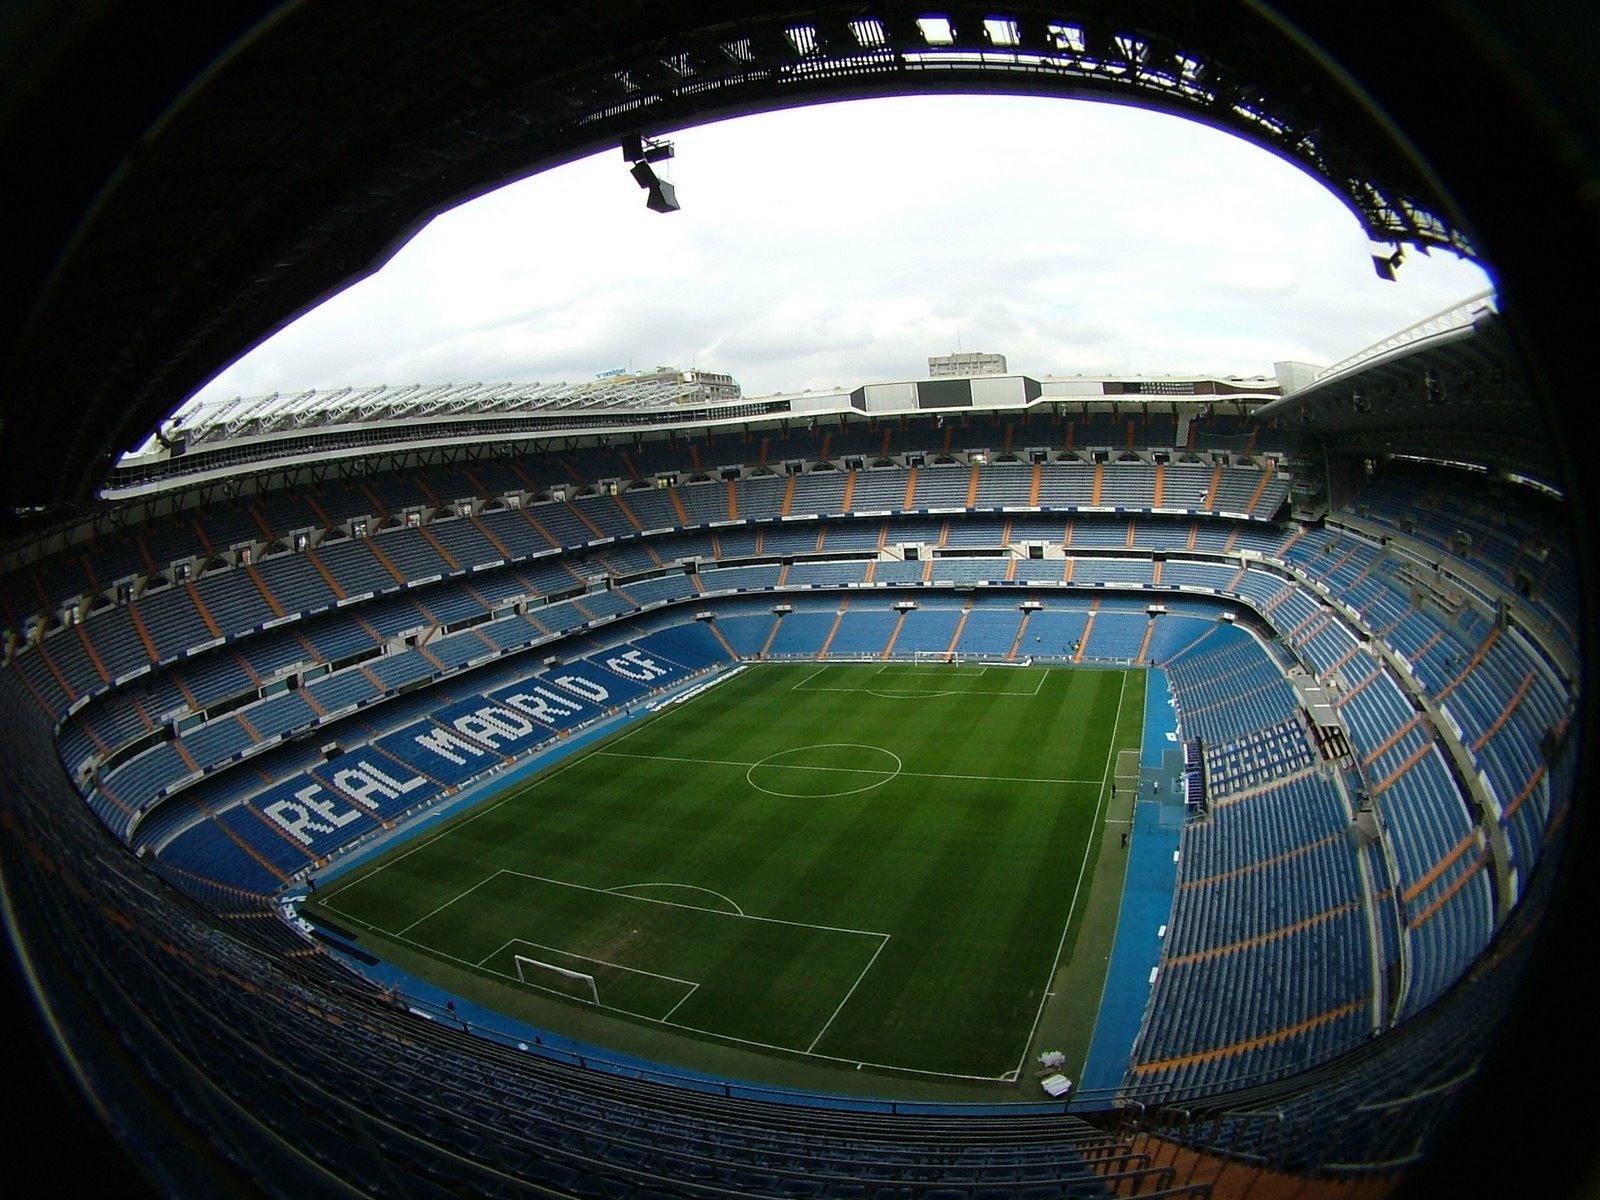 مايكروسوفت تتفاوض مع نادي ريال مدريد لرعاية ملعب سانتياغو بيرنابيو